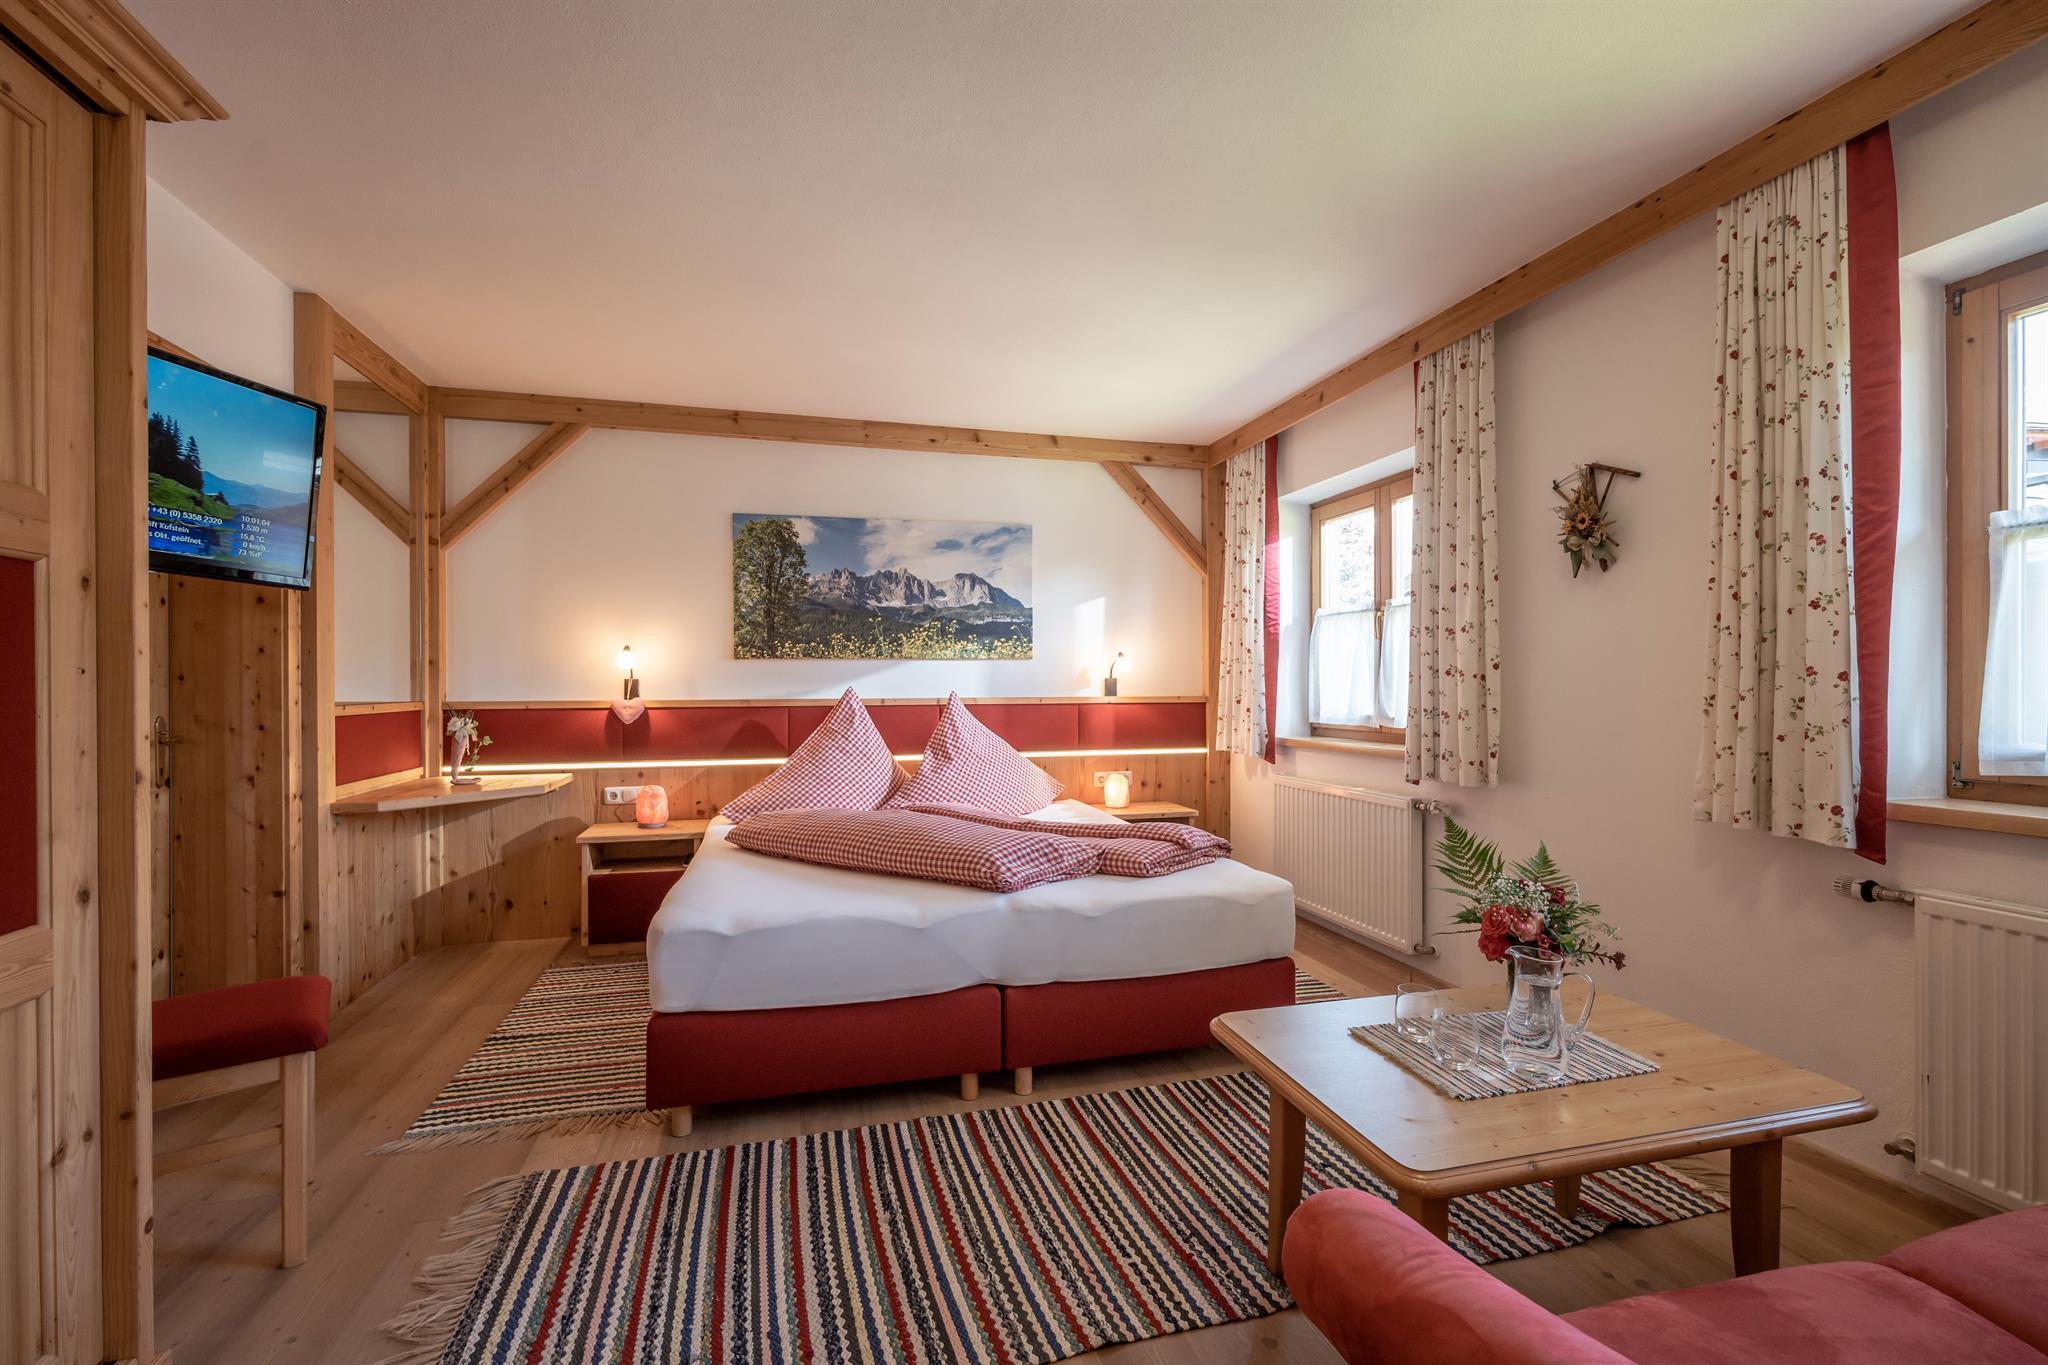 Maison de vacances Bichler's Ferienhaus Ferienhaus/2 Schlafräume/Bad, WC (2616276), Going am Wilden Kaiser, Wilder Kaiser, Tyrol, Autriche, image 22